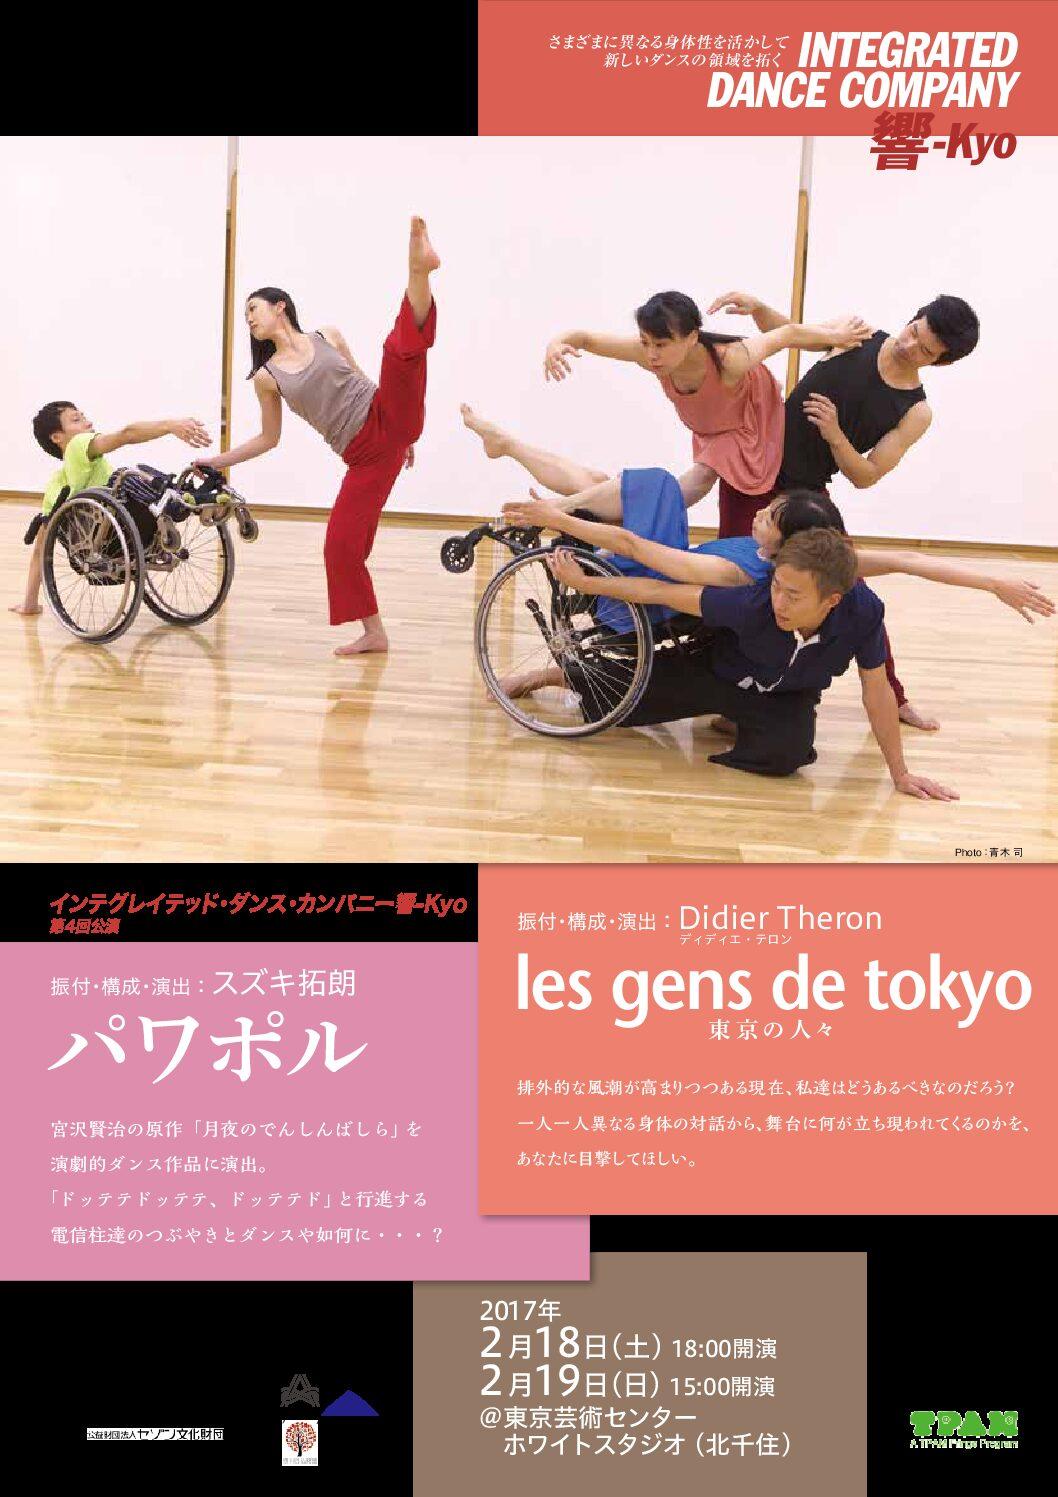 2016年度Integrated Dance Company響-Kyo第4回公演